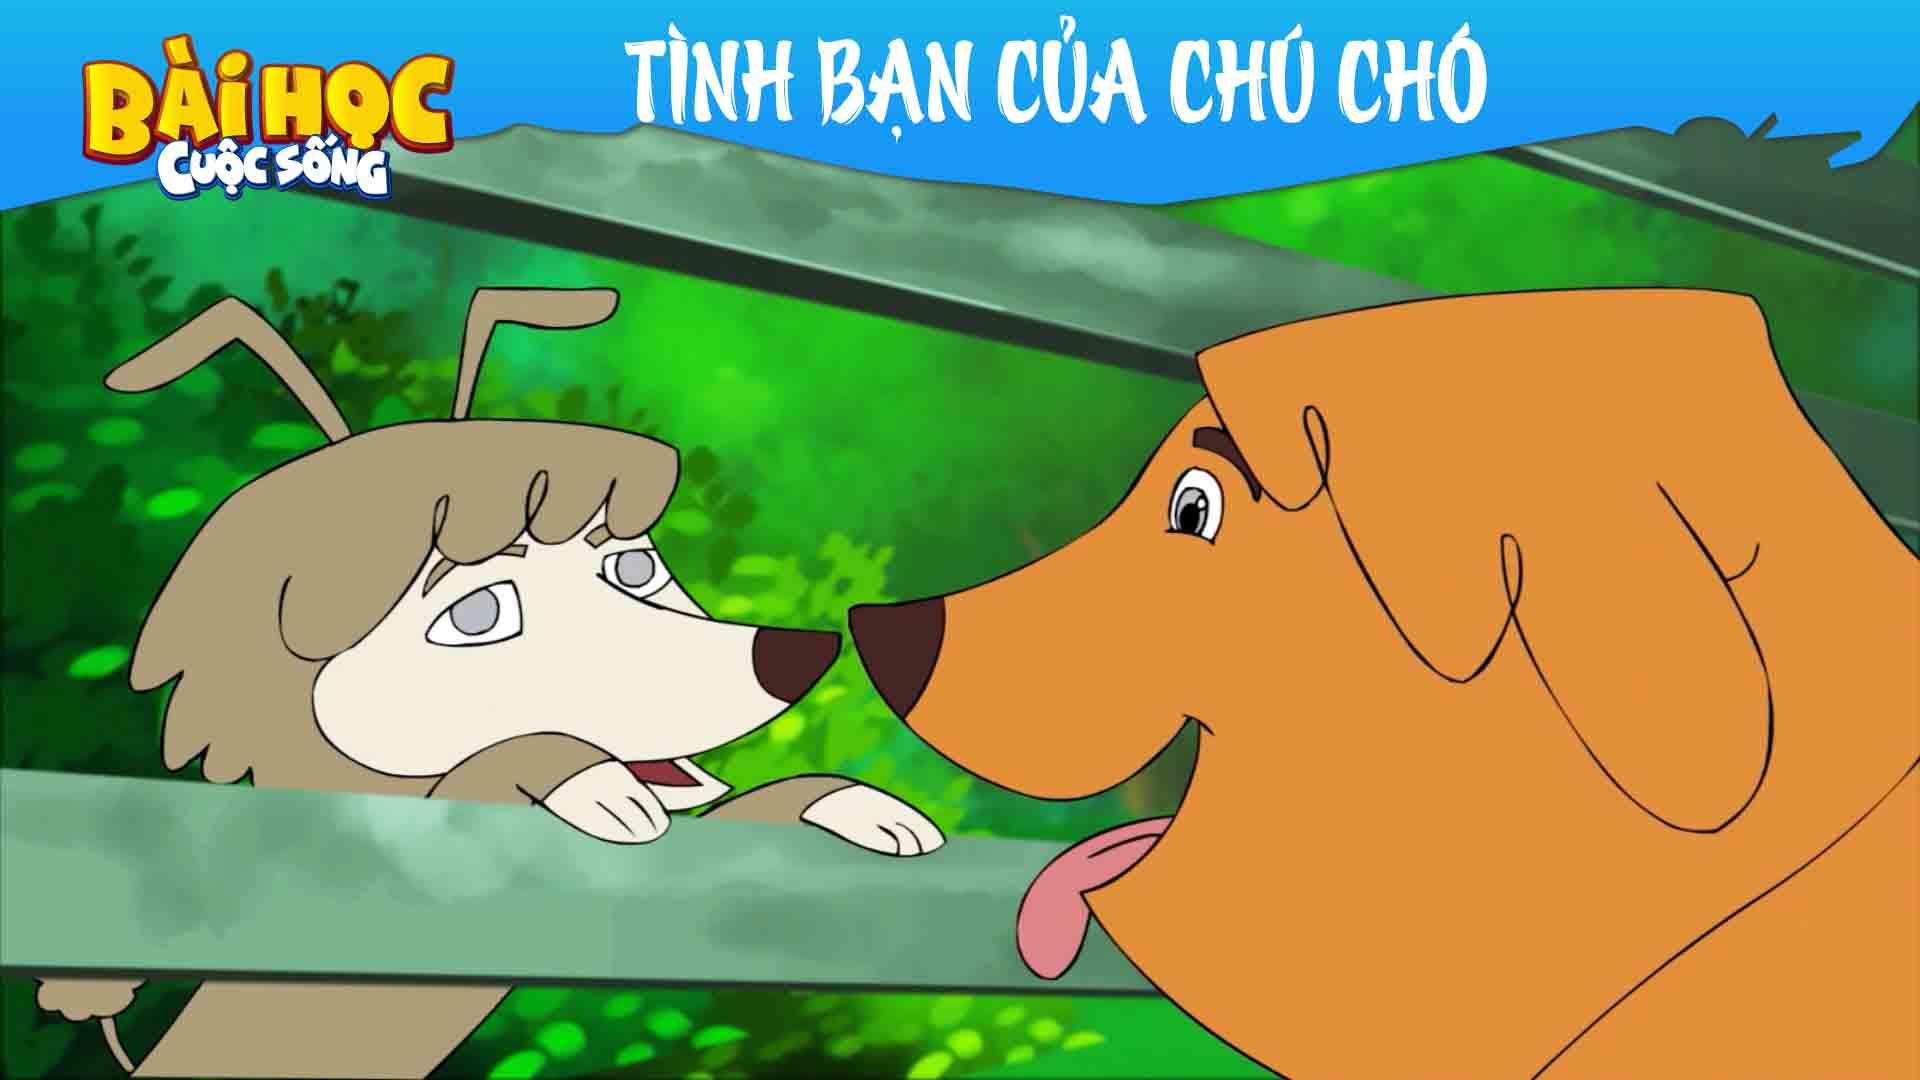 Tình bạn của chú chó - phim hoạt hình hay 2020